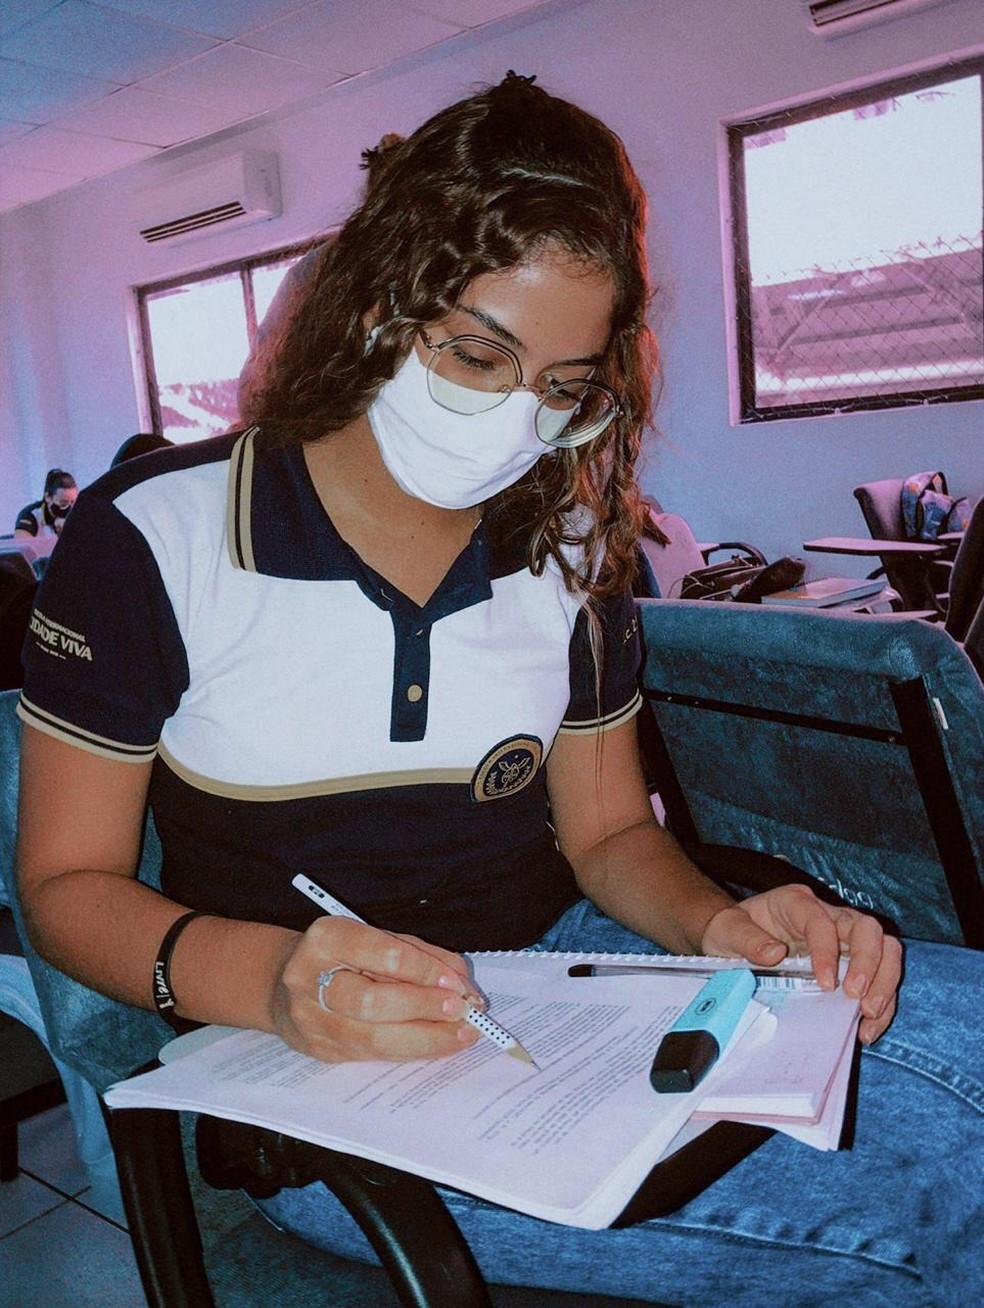 Aline estudou à distância durante a maior parte do ano e voltou para as aulas presenciais em outubro de 2020 — Foto: Aline Soares/Acervo pessoal